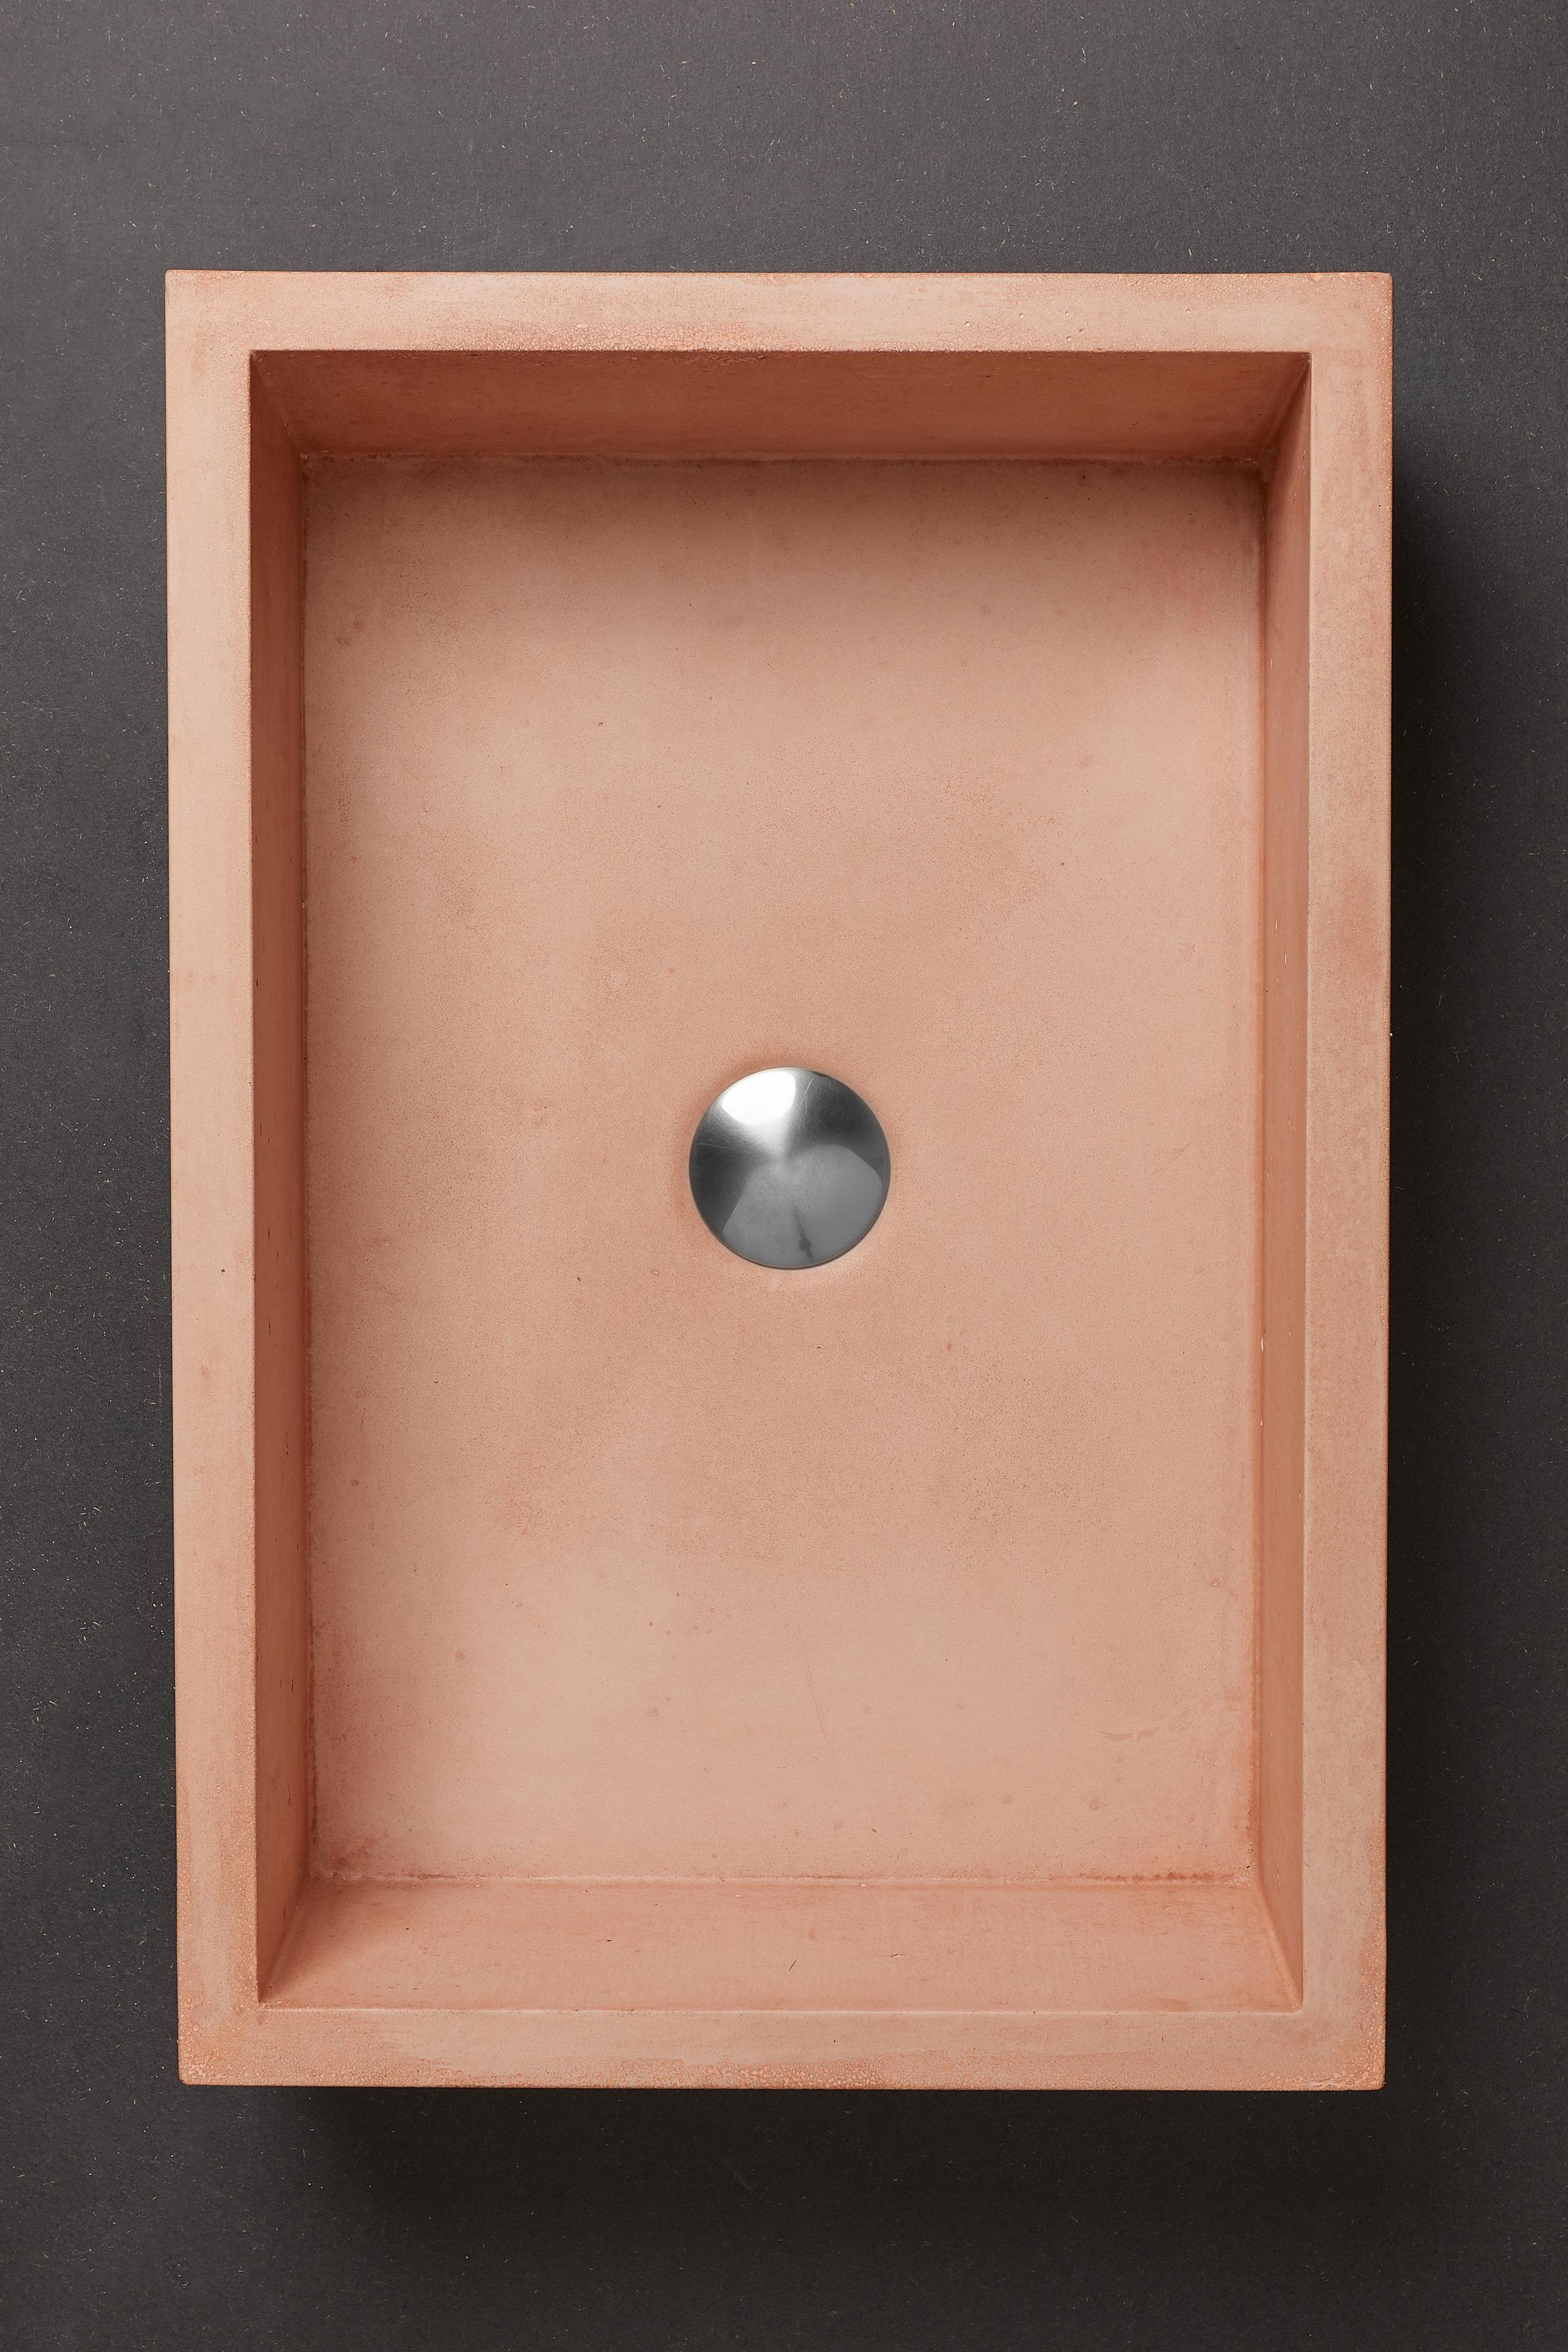 Peach (5).jpg